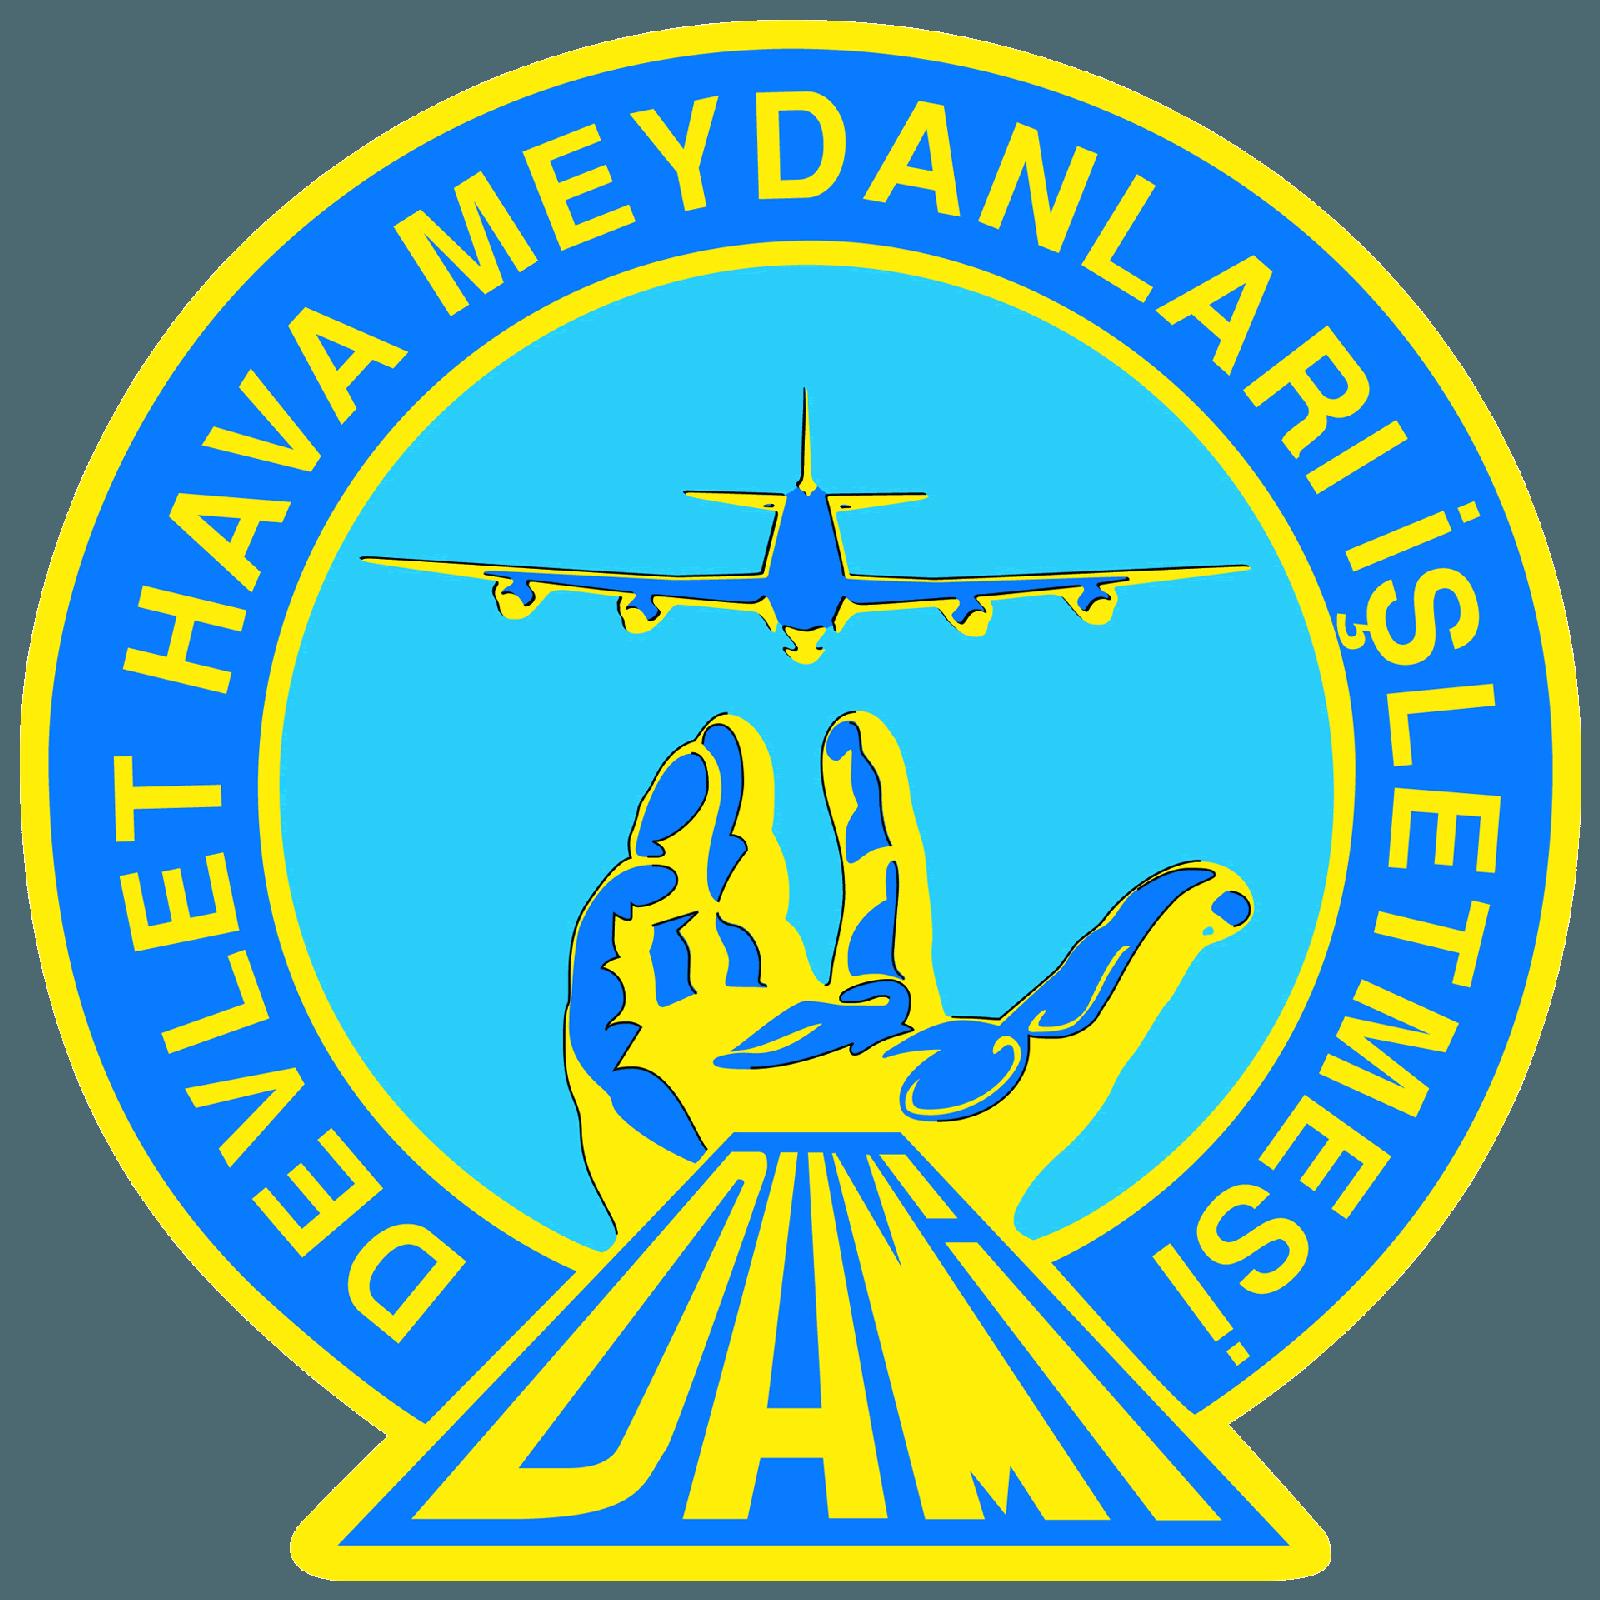 DHMİ – Devlet Hava Meydanları İşletmesi Genel Müdürlüğü Logosu [dhmi.gov.tr] png